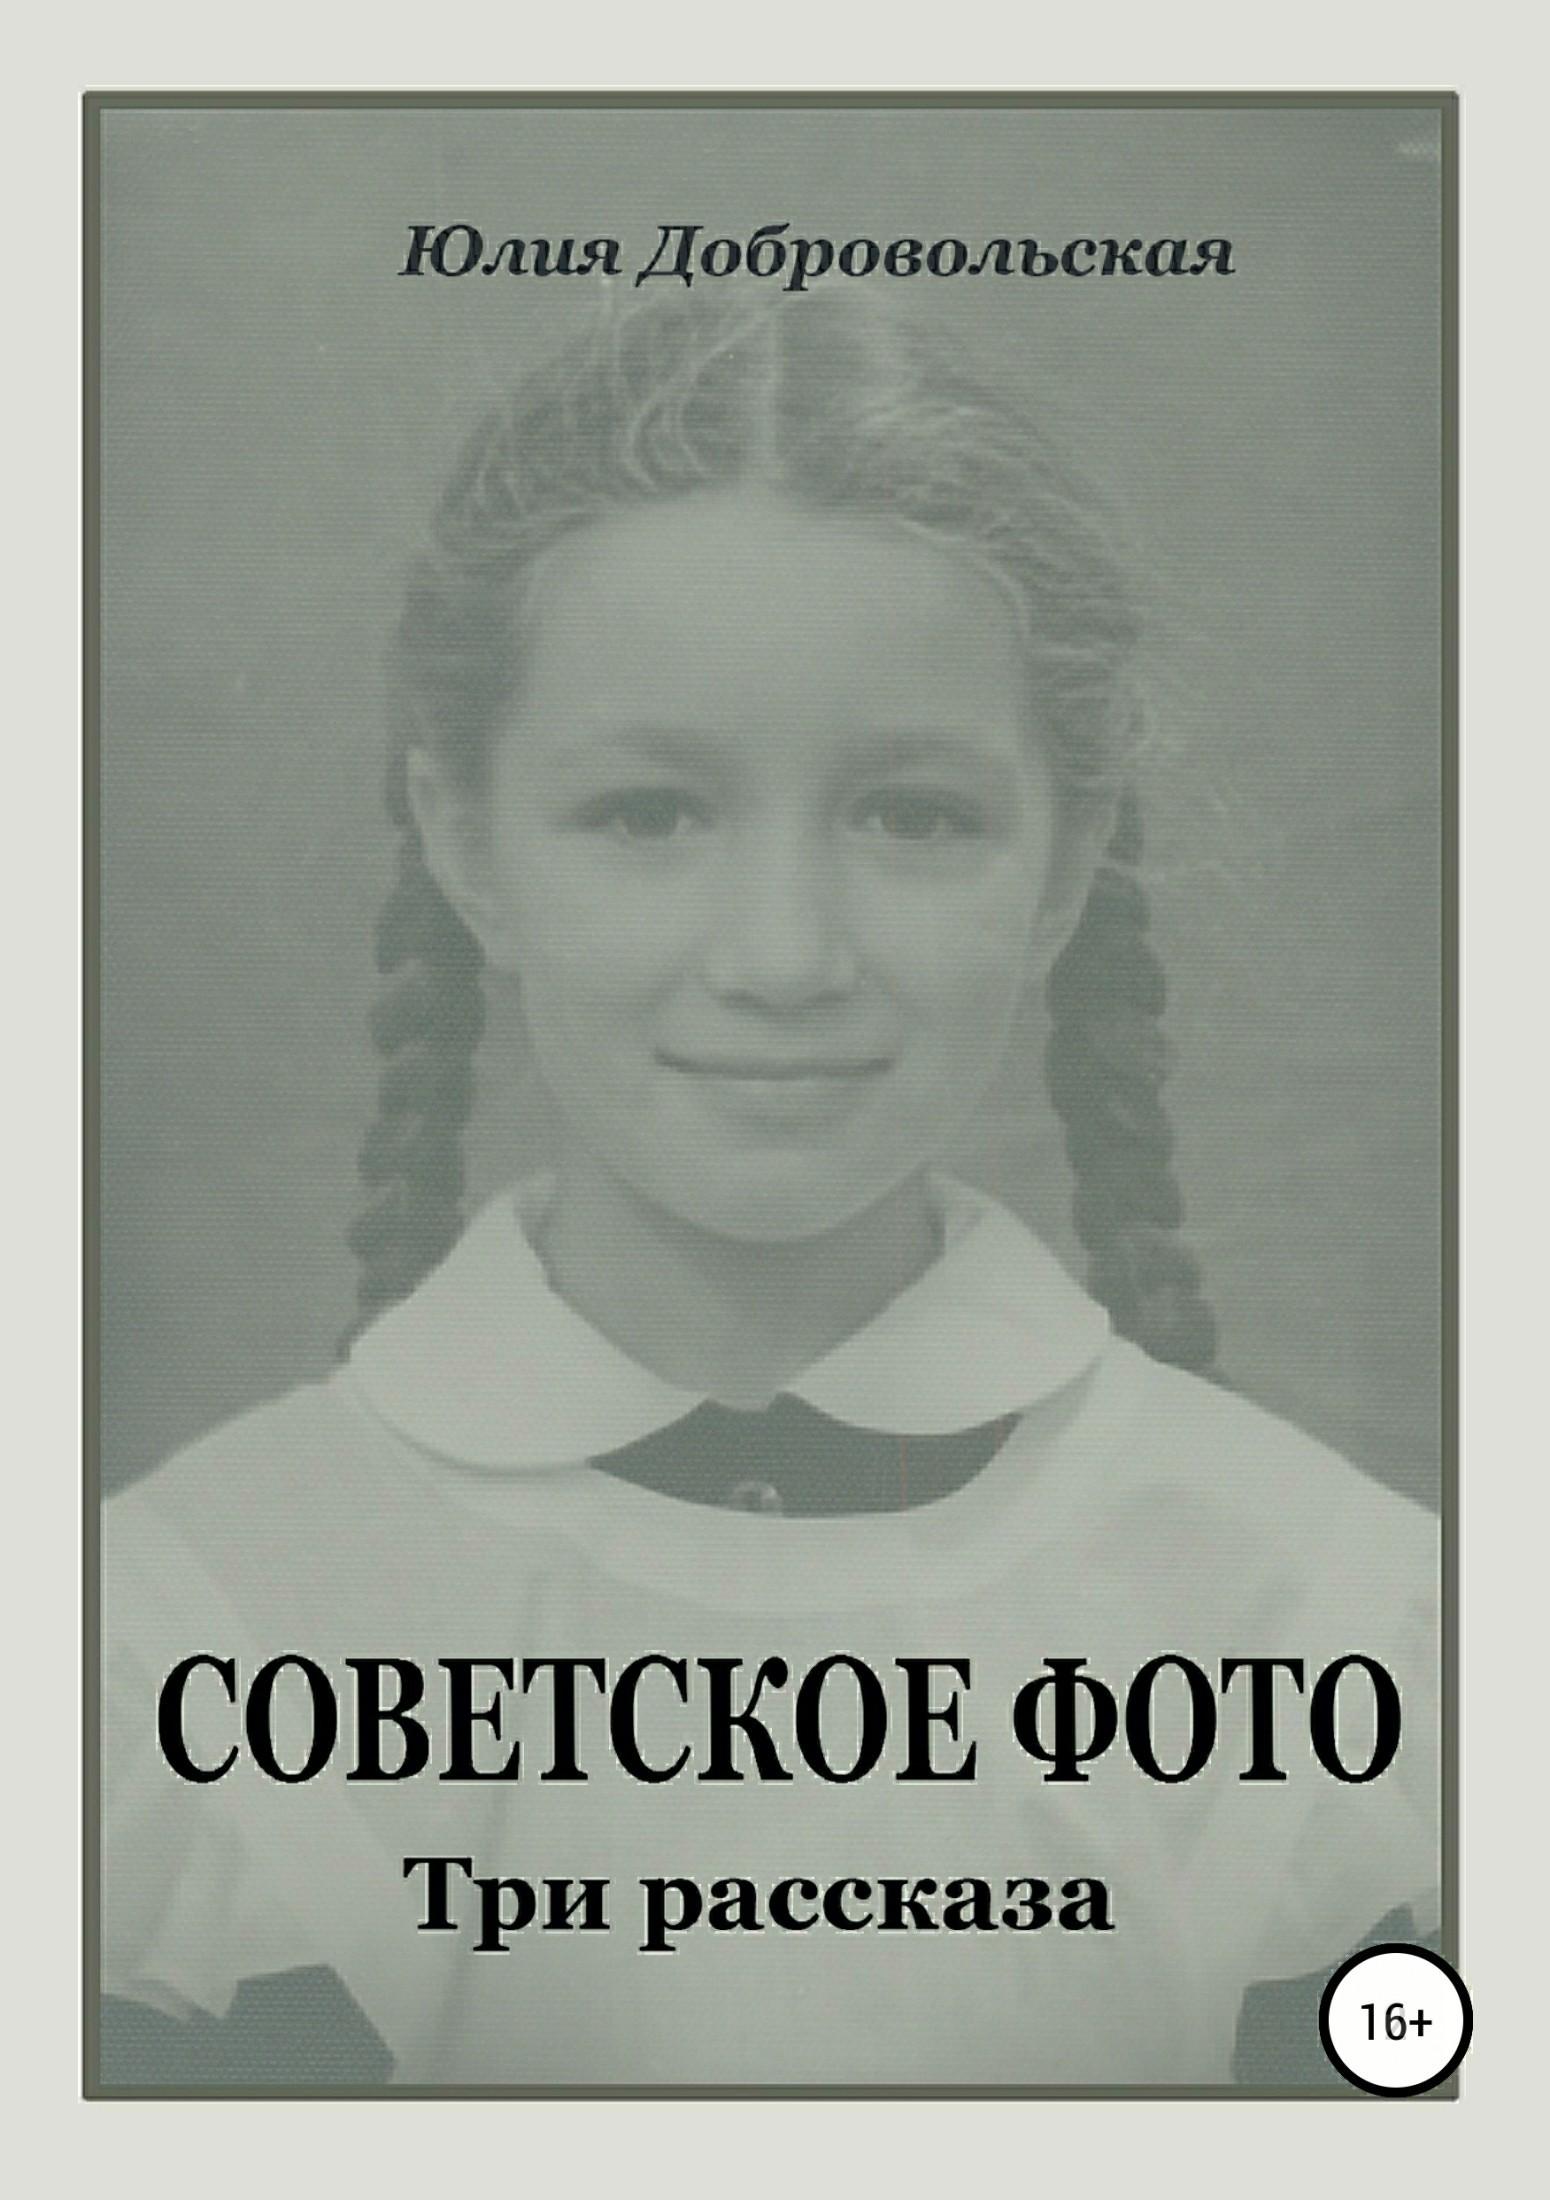 Фото - Юлия Добровольская Советское фото. Три рассказа юлия добровольская жизнь как непрерывная череда чудес и ангелов